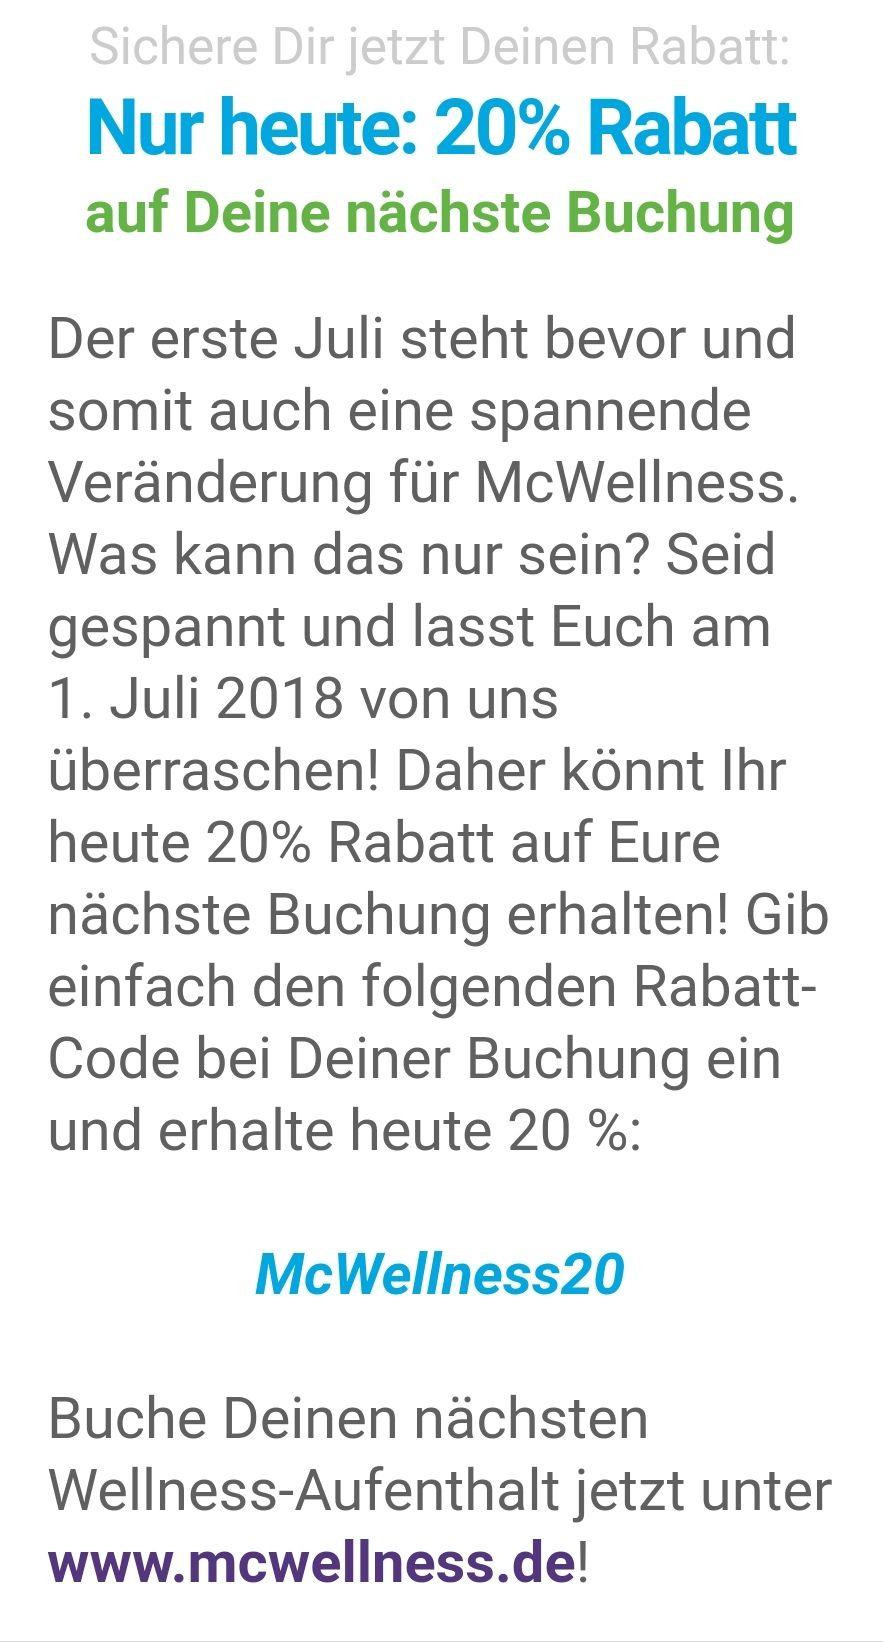 20% Rabatt auf Buchungen bei McWellness in Dortmund + Bochum